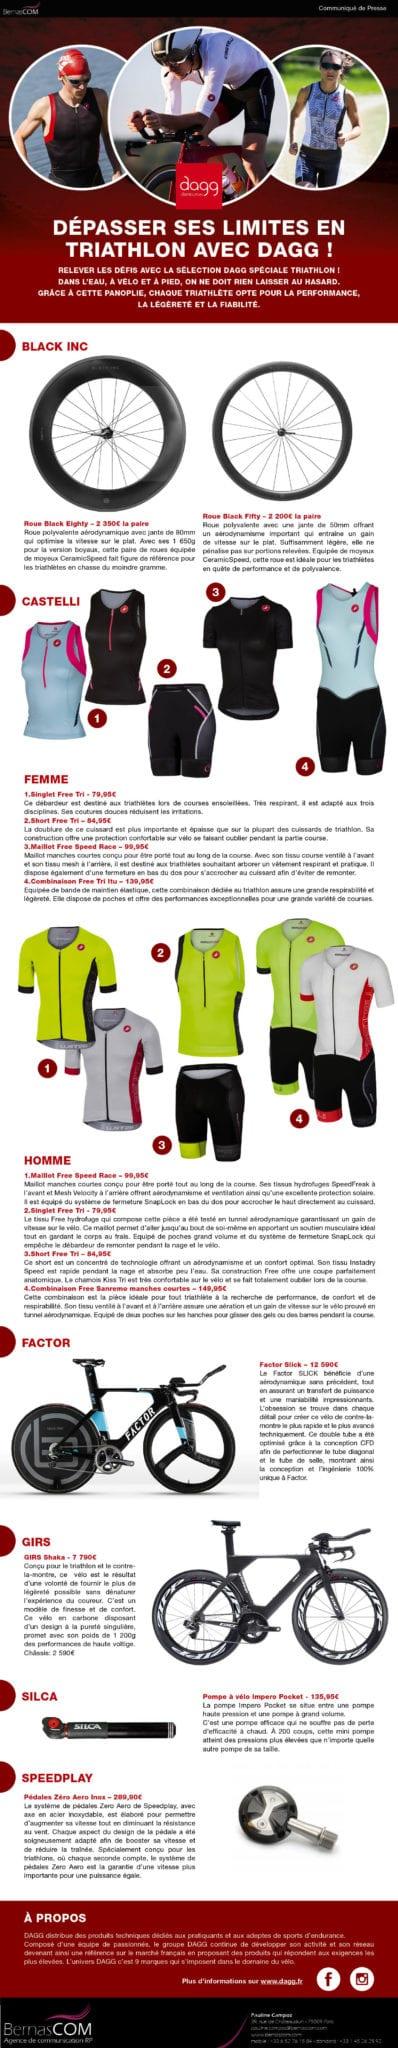 Dagg Communiqué de presse Triathlon